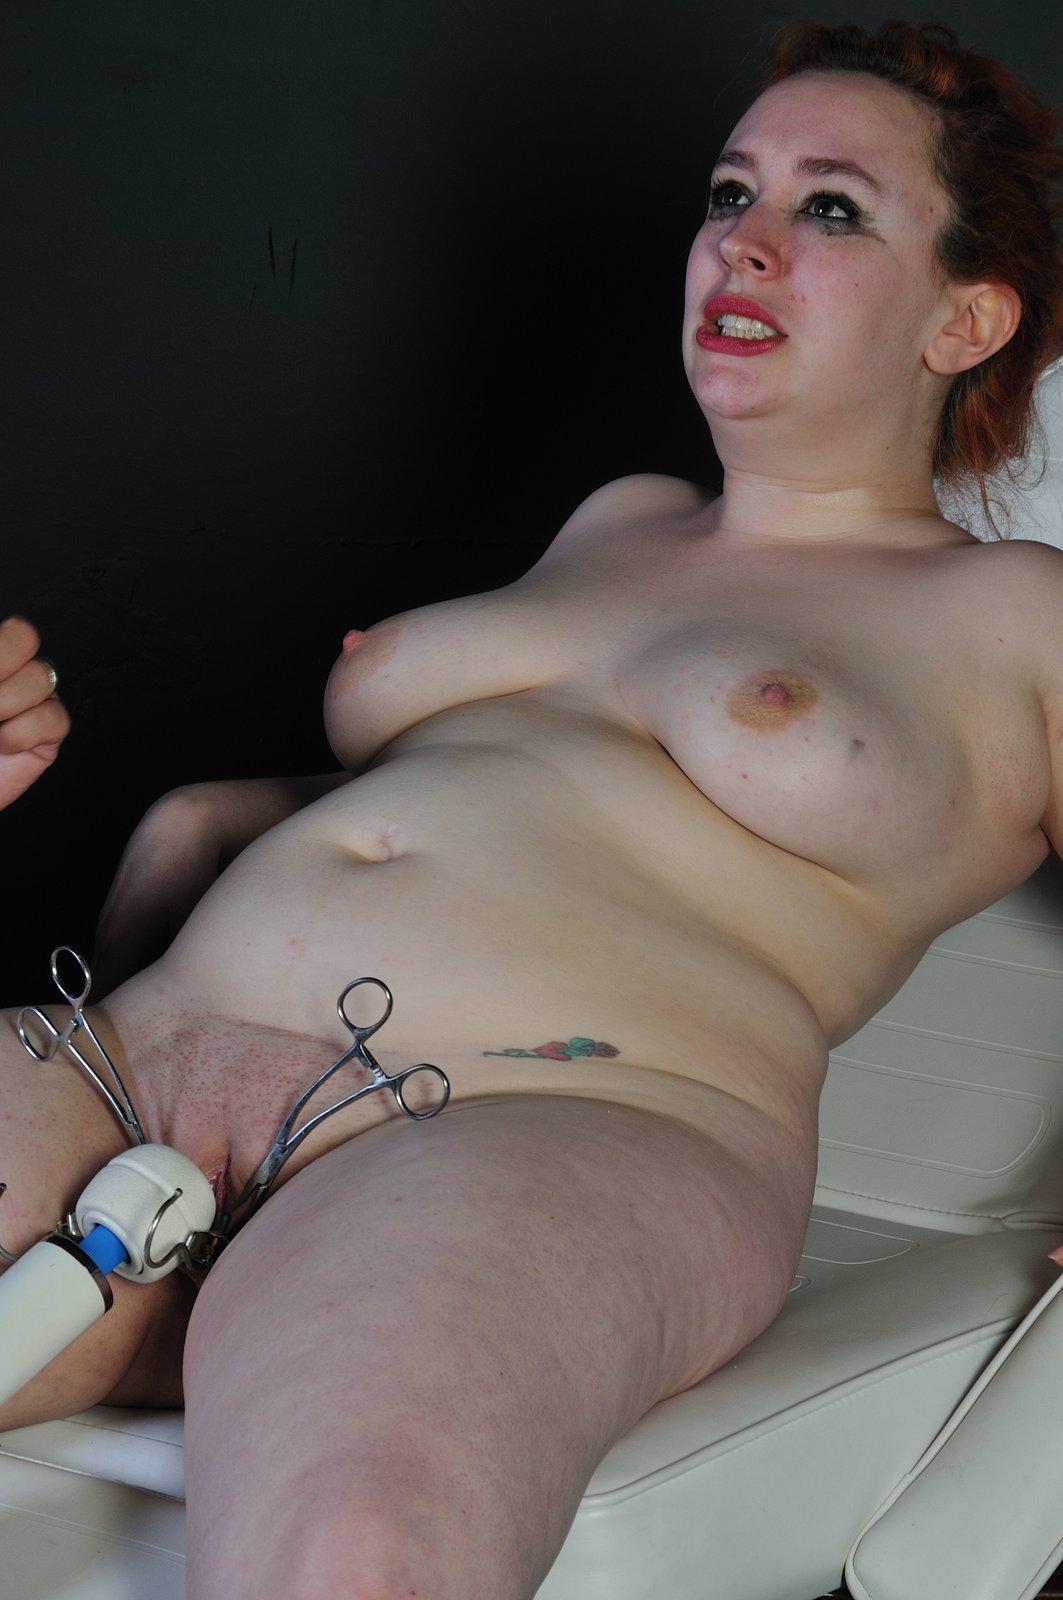 Технические приспособления для секса 16 фотография